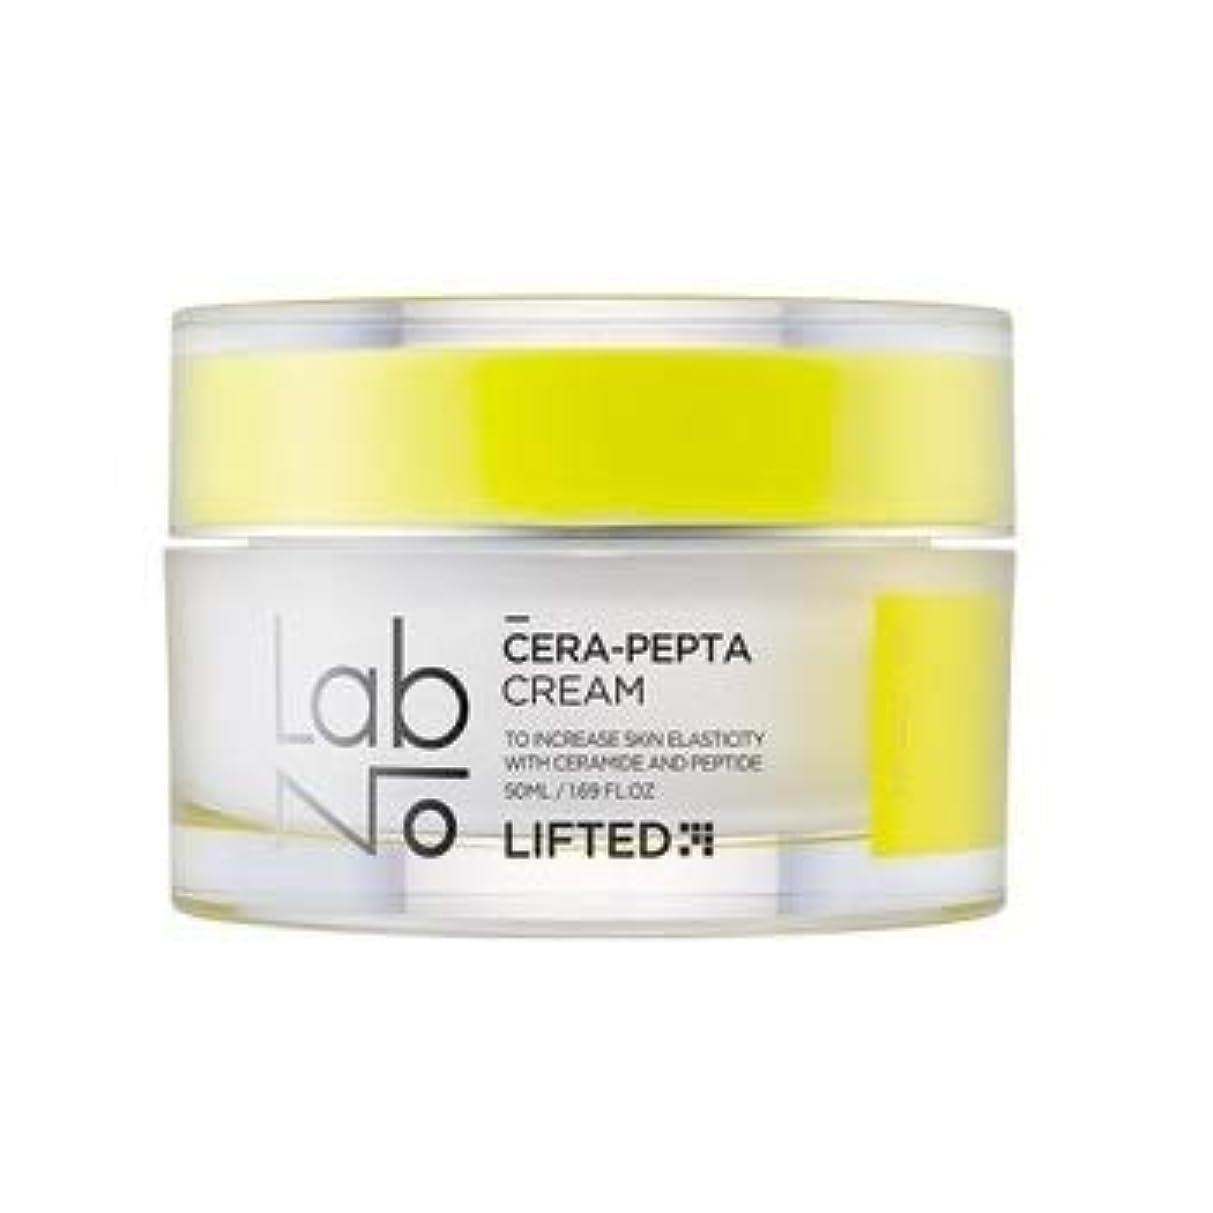 北米マイコン曲がったLabNo リフテッド セラ-ペプタ クリーム / Lifted Sera-Pepta Cream (50ml) [並行輸入品]